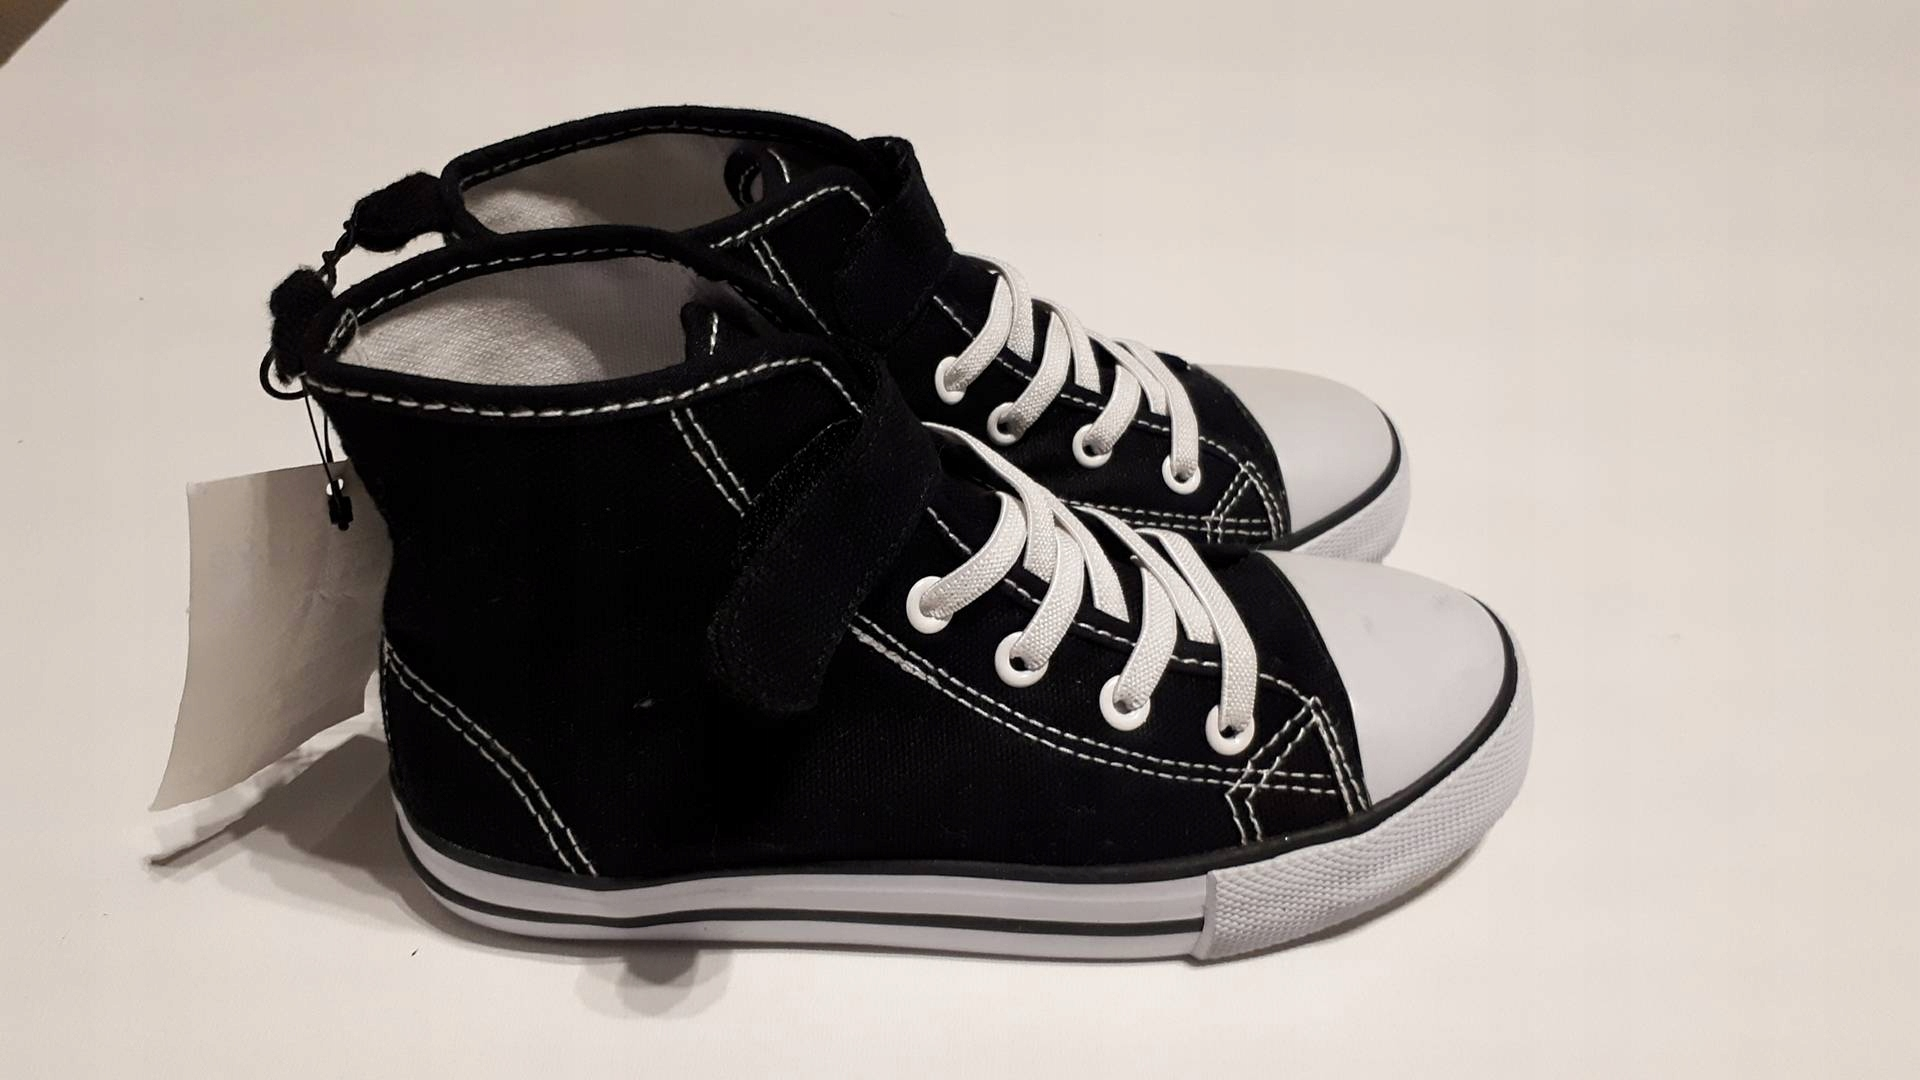 876d4fff H&M Płócienne buty sportowe rozm. 31 - 7684851695 - oficjalne ...